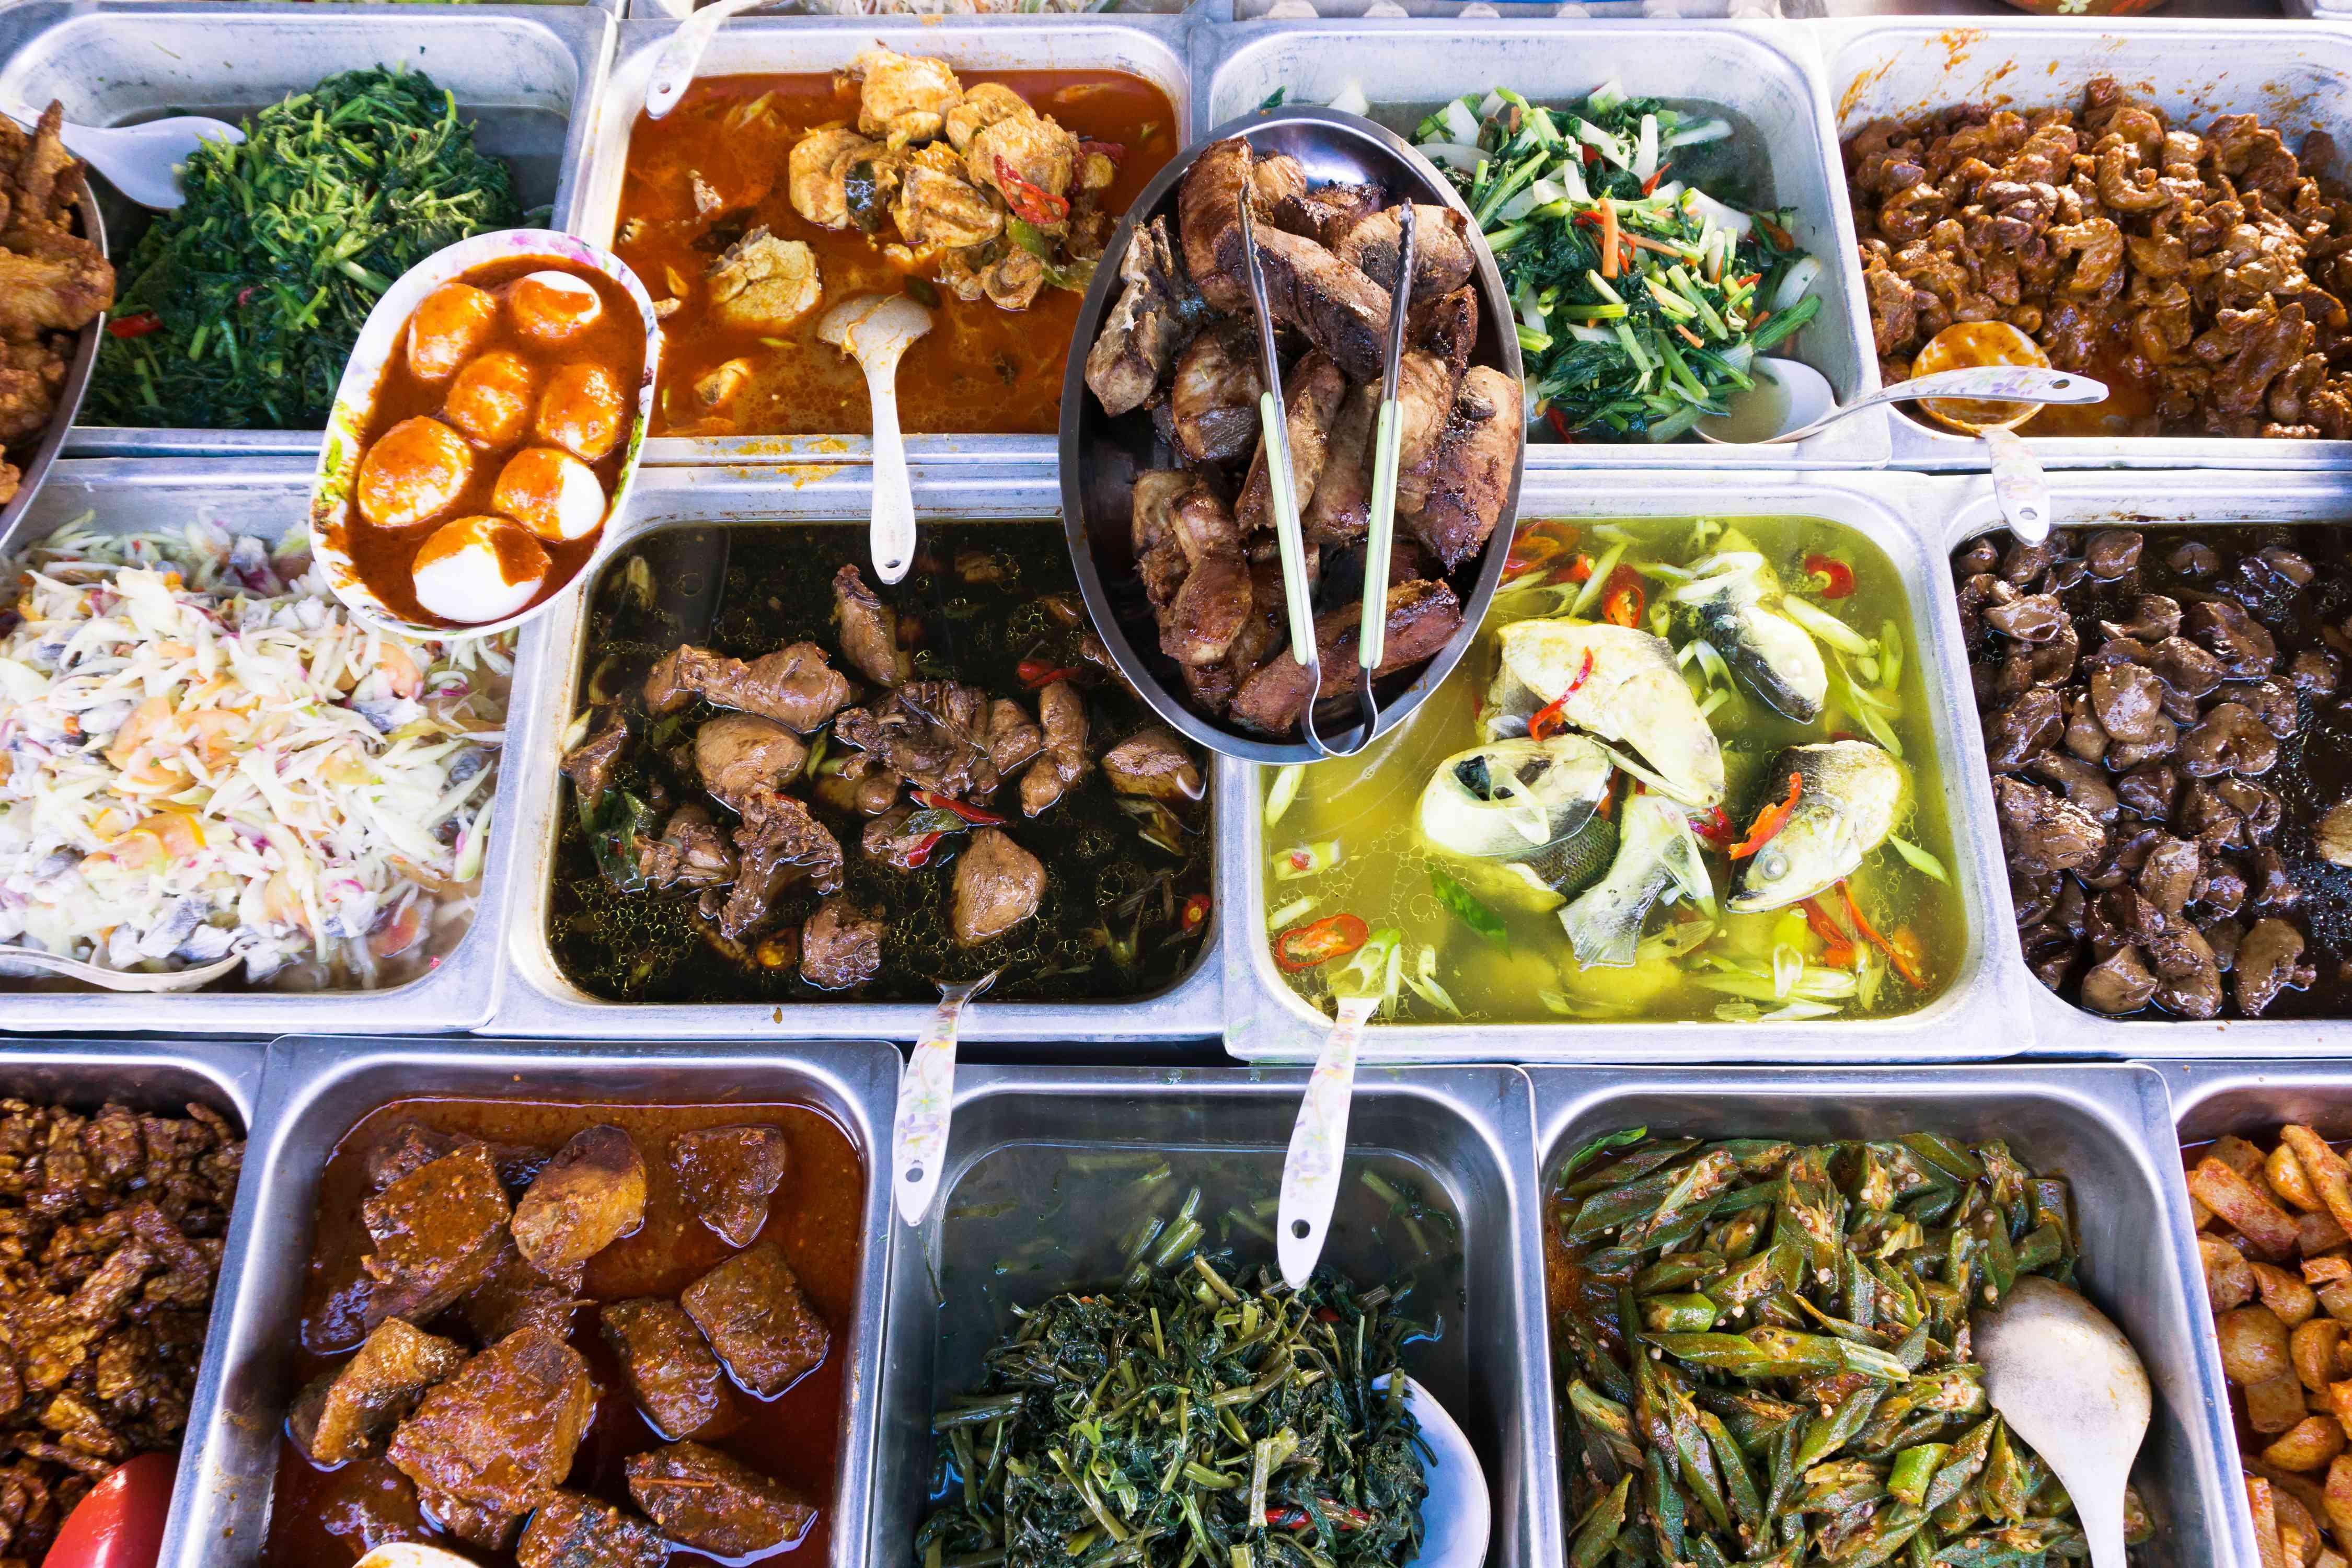 Assortment of nasi campur / Malaysian food choices